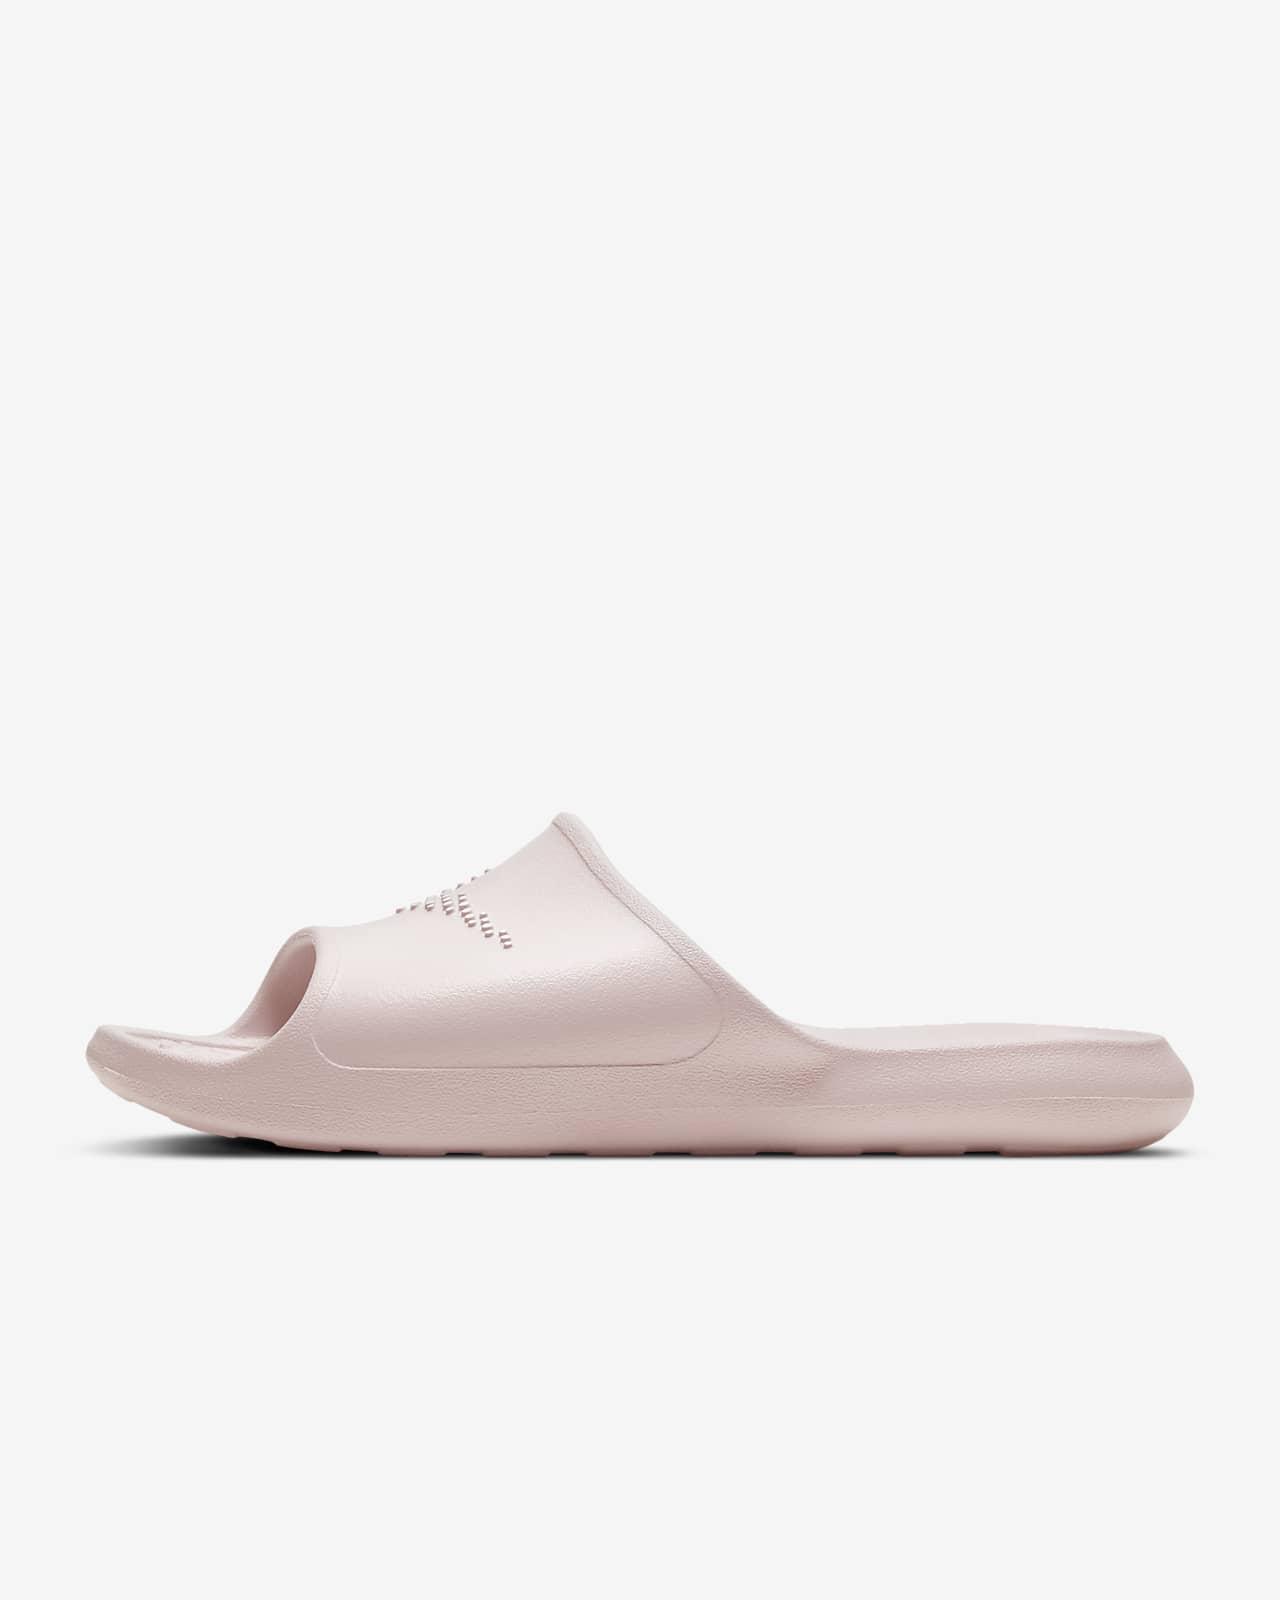 Nike Victori One Shower 女款拖鞋